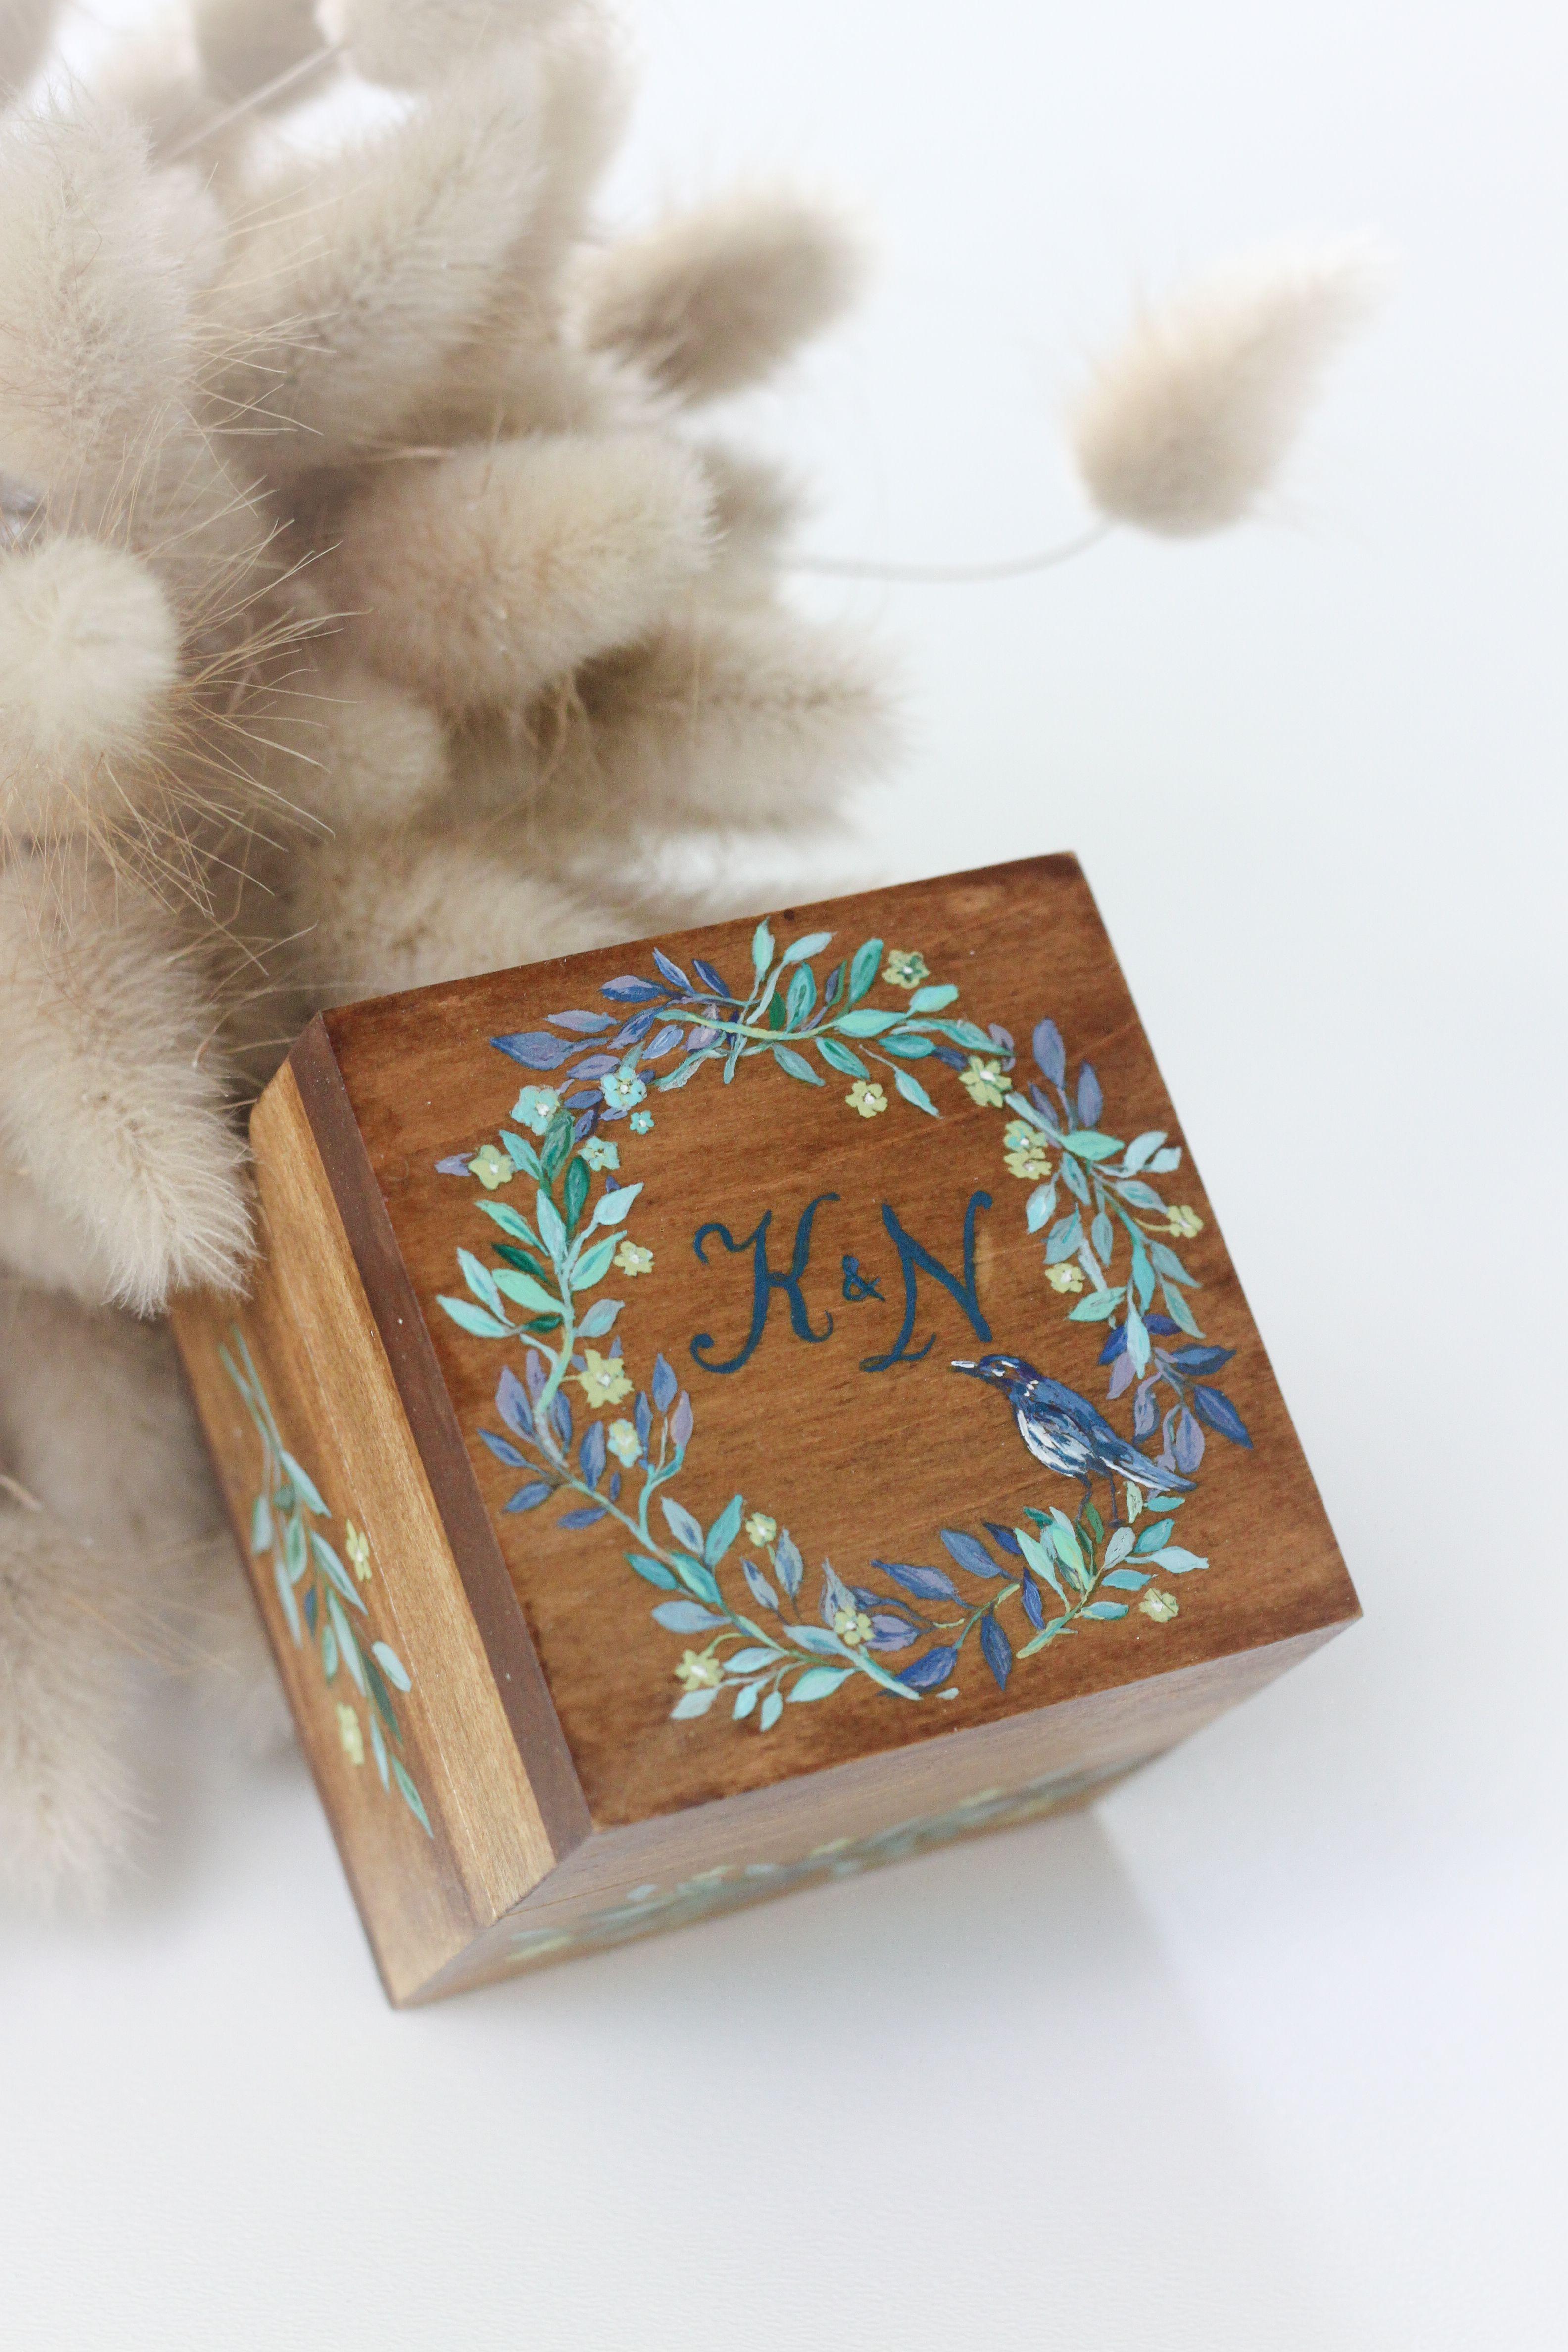 c0419b60b5a0 Свадебные шкатулки для колец ◈ Авторский Киоск Шкатулка под кольца на  свадьбу на заказ. Натуральное